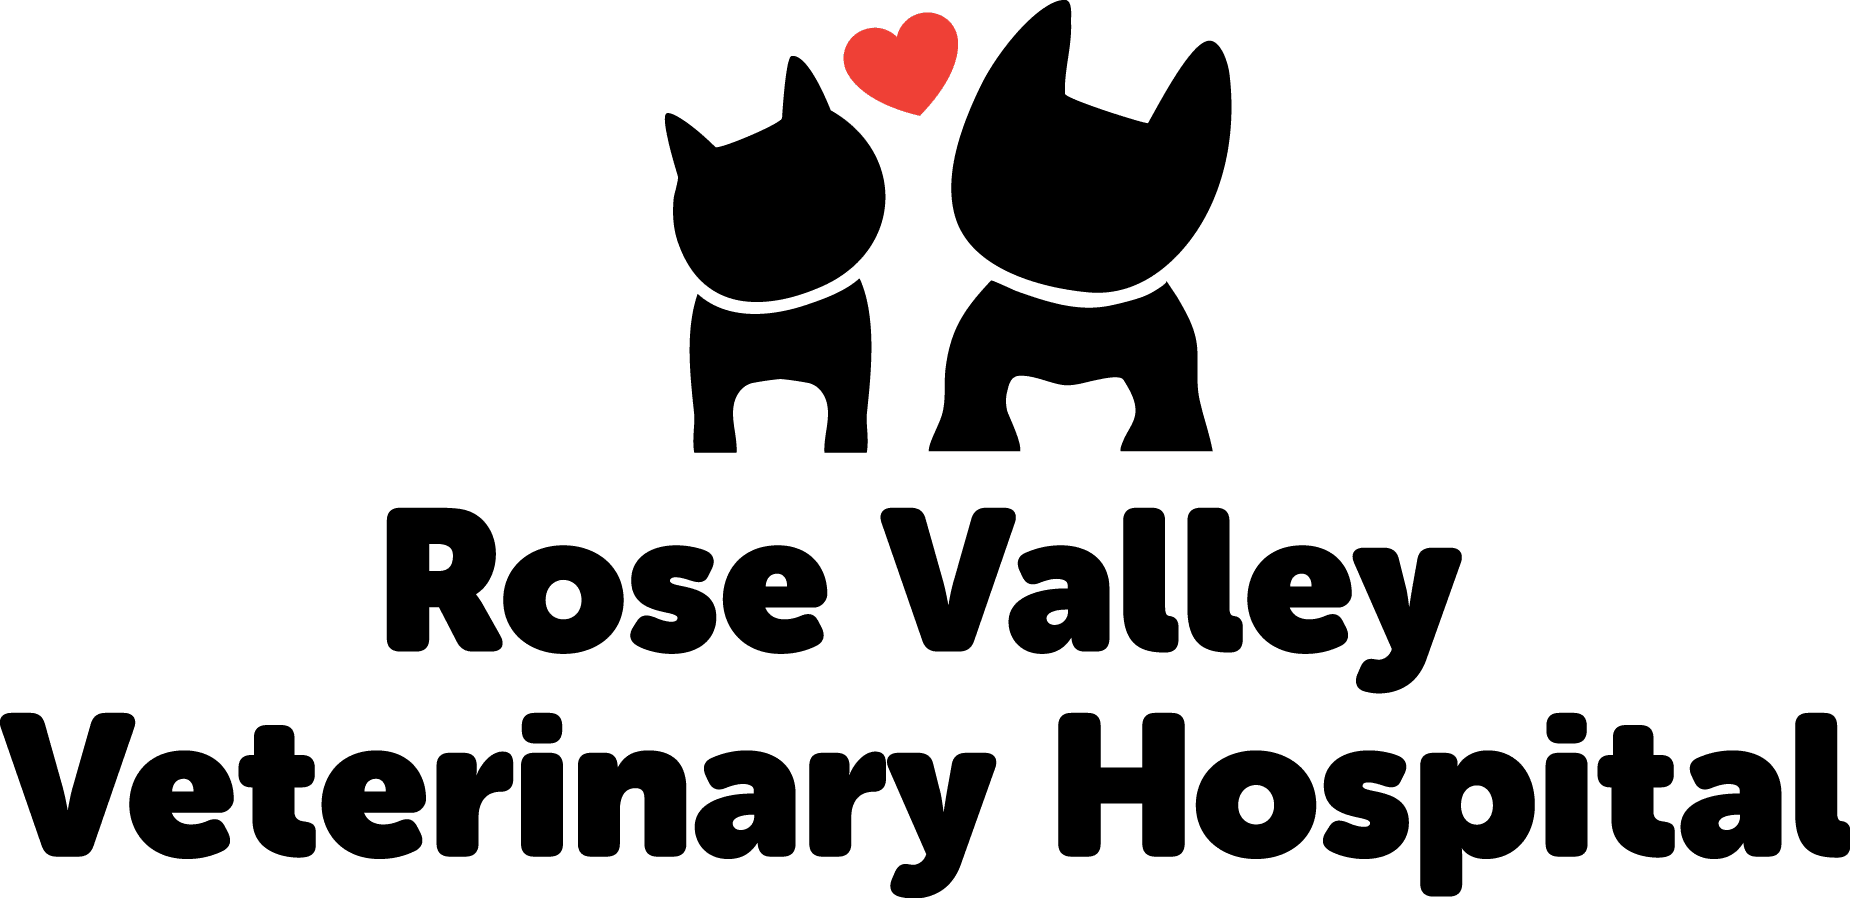 Rose Valley Veterinary Hospital